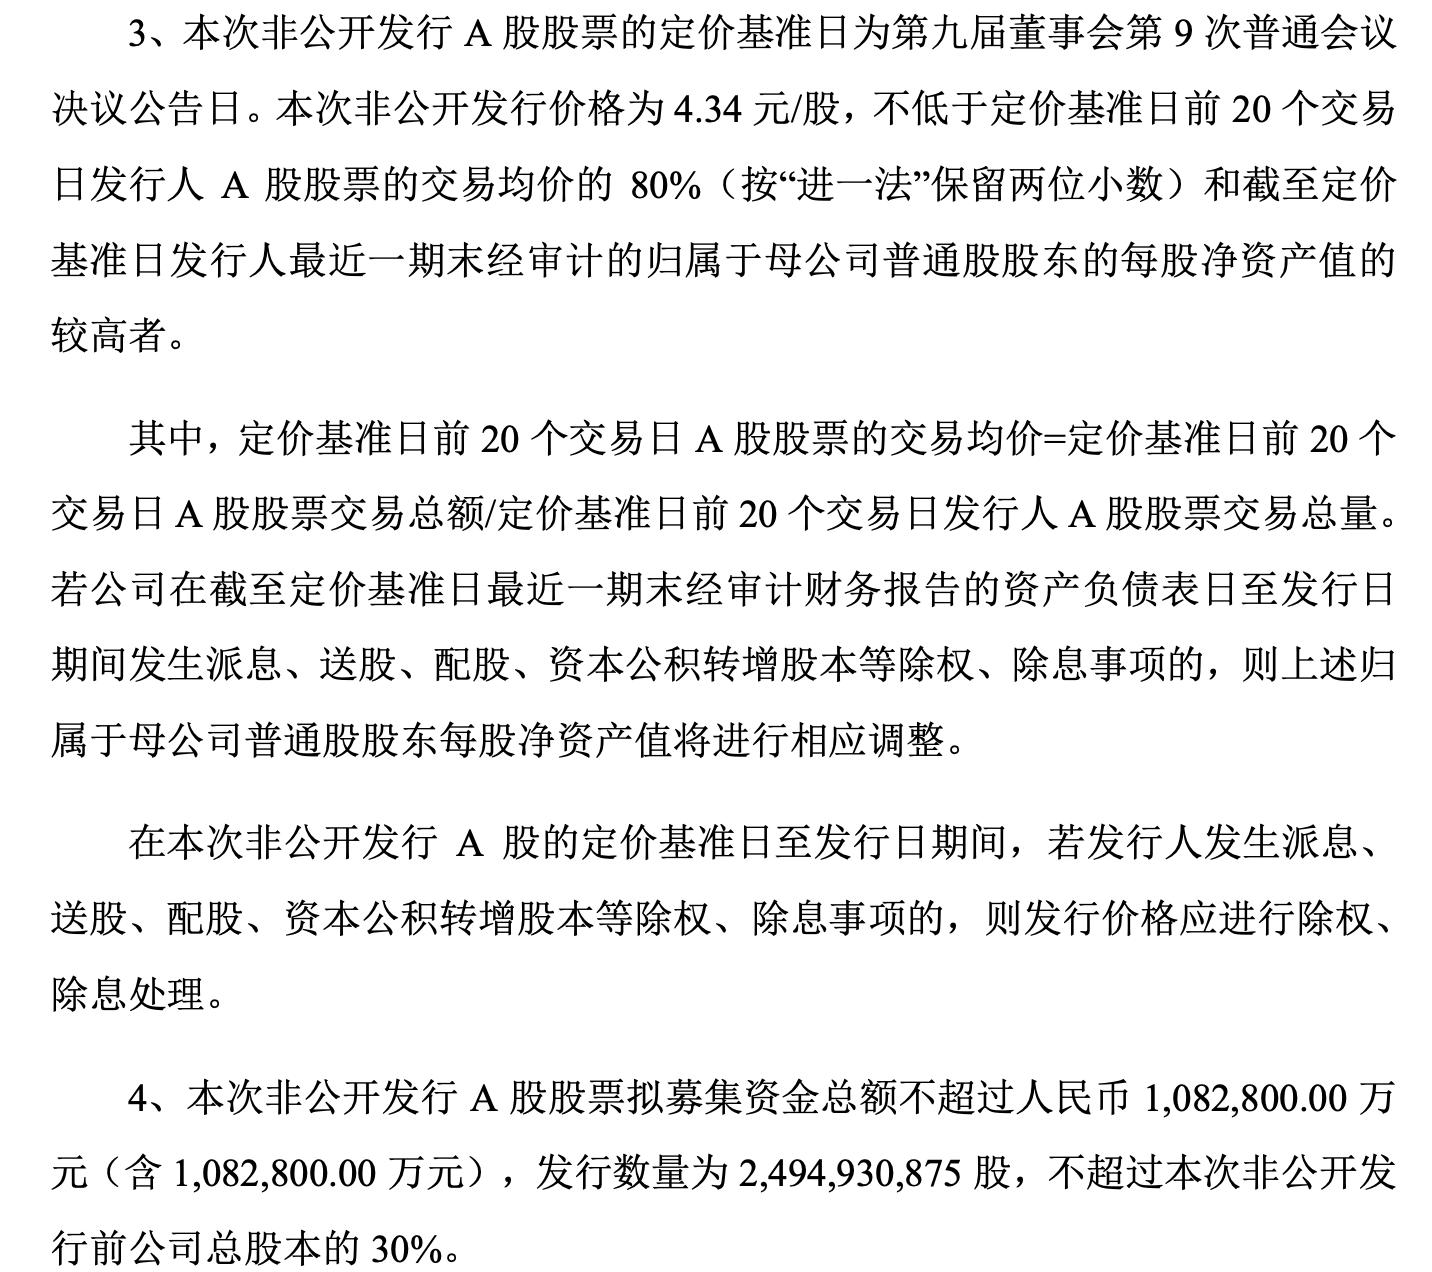 补充流动资金、偿还债务 东方航空拟定增募资不超108.28亿元